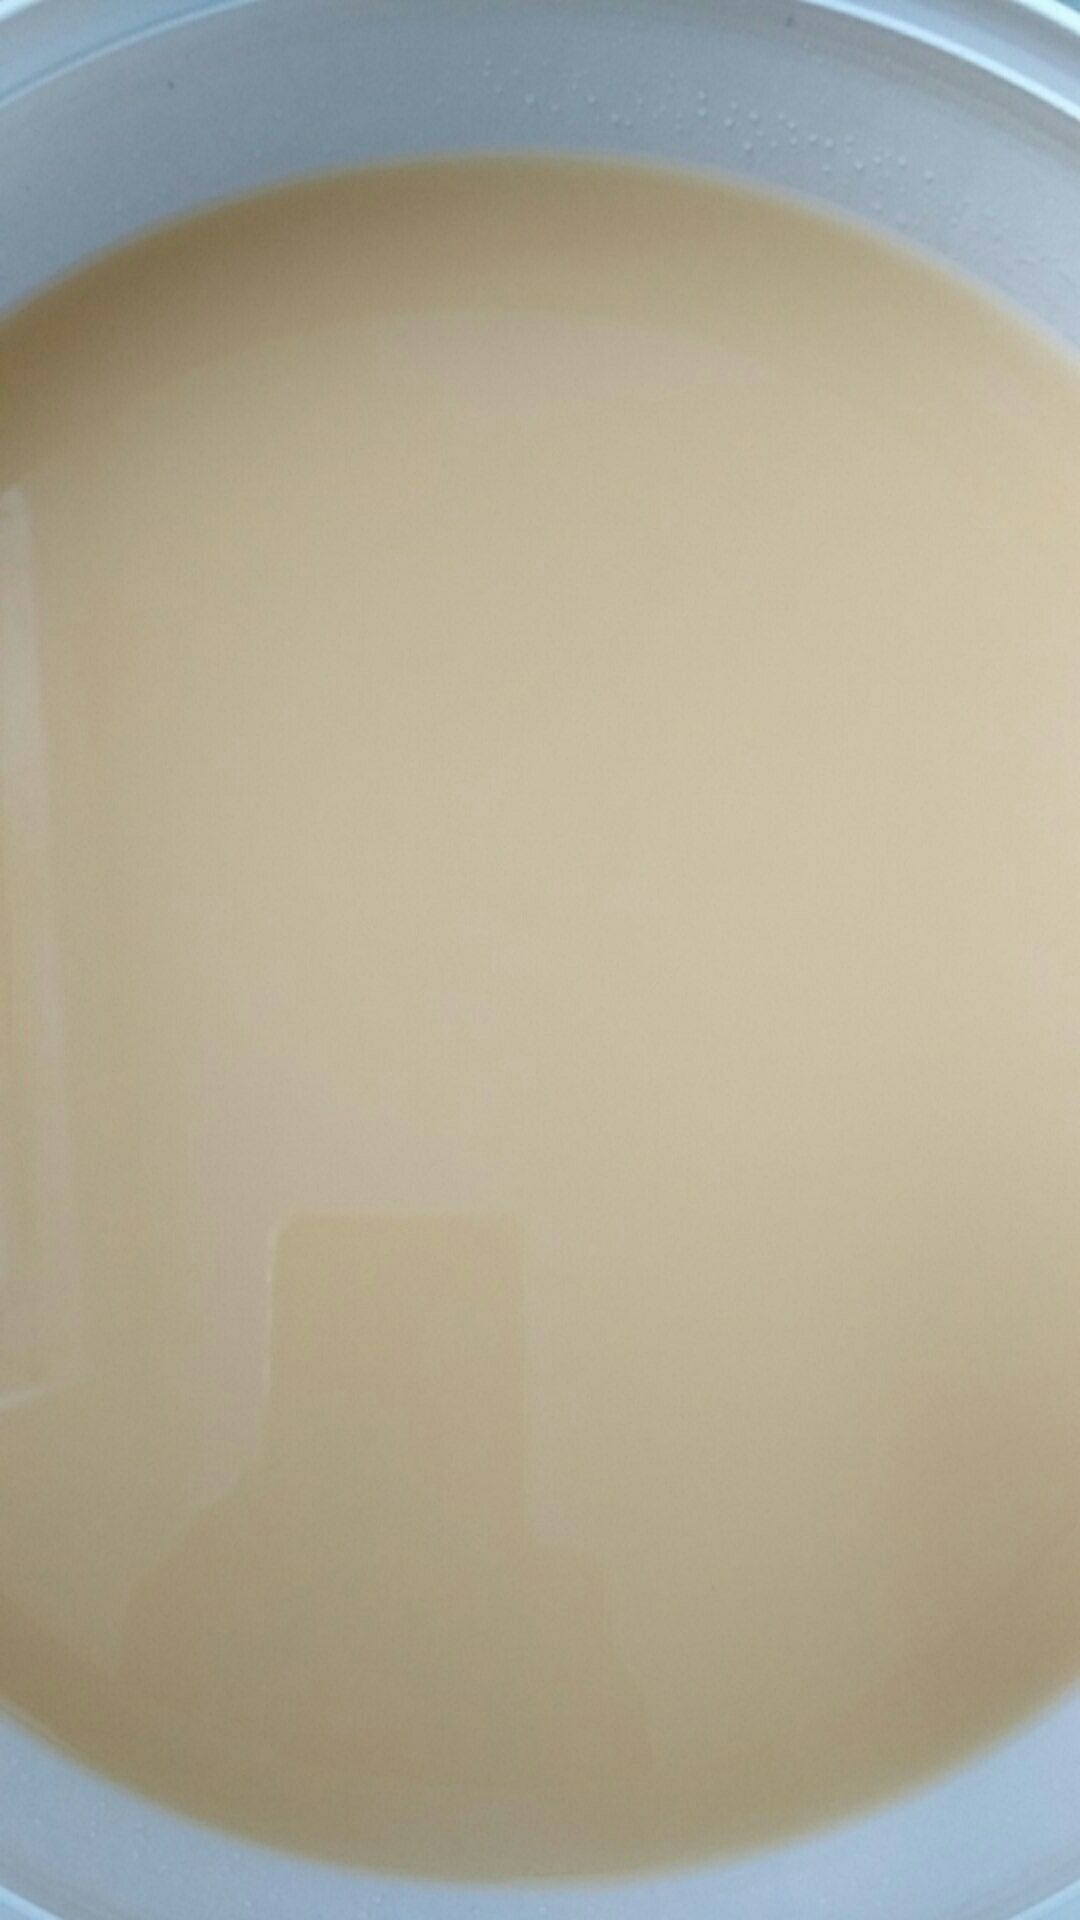 木工胶公司,好用的木工胶尽在天瑞化工